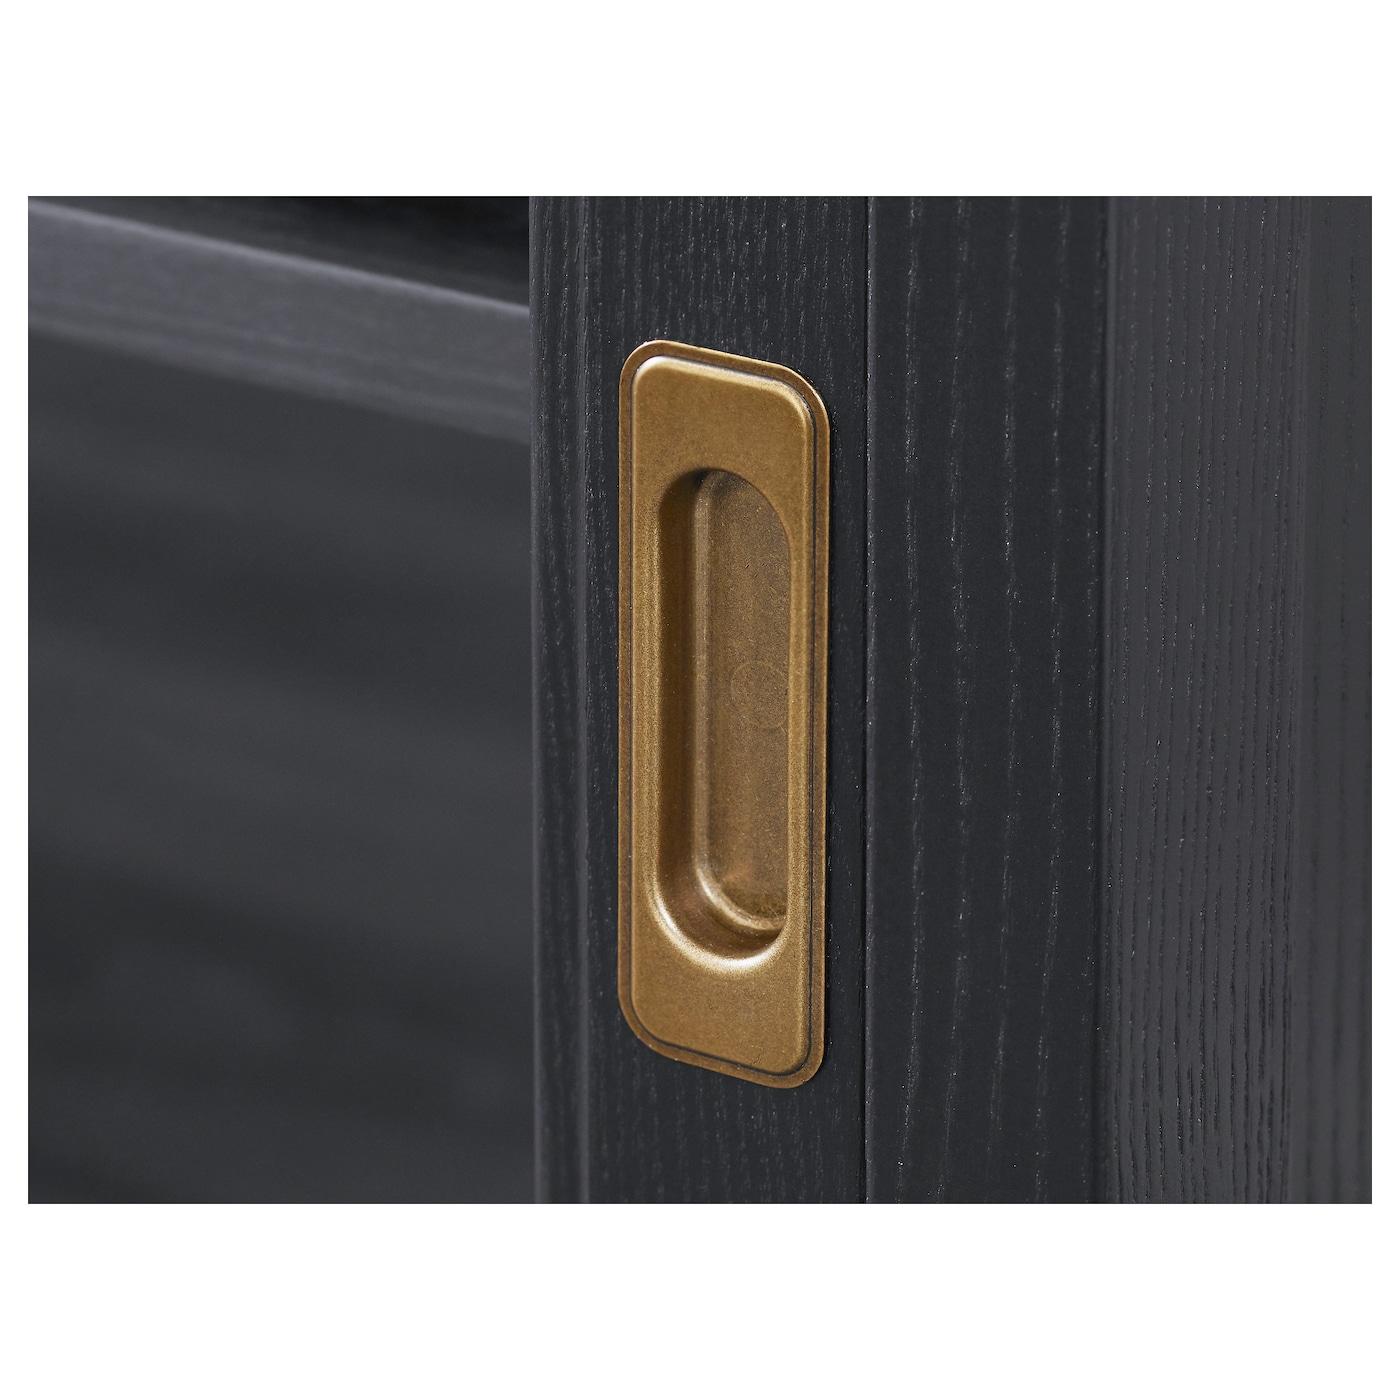 Malsj Banc Tv Portes Coulissantes Teint Noir 160×48 Cm Ikea # Tv Living Avec Portes Coulissante